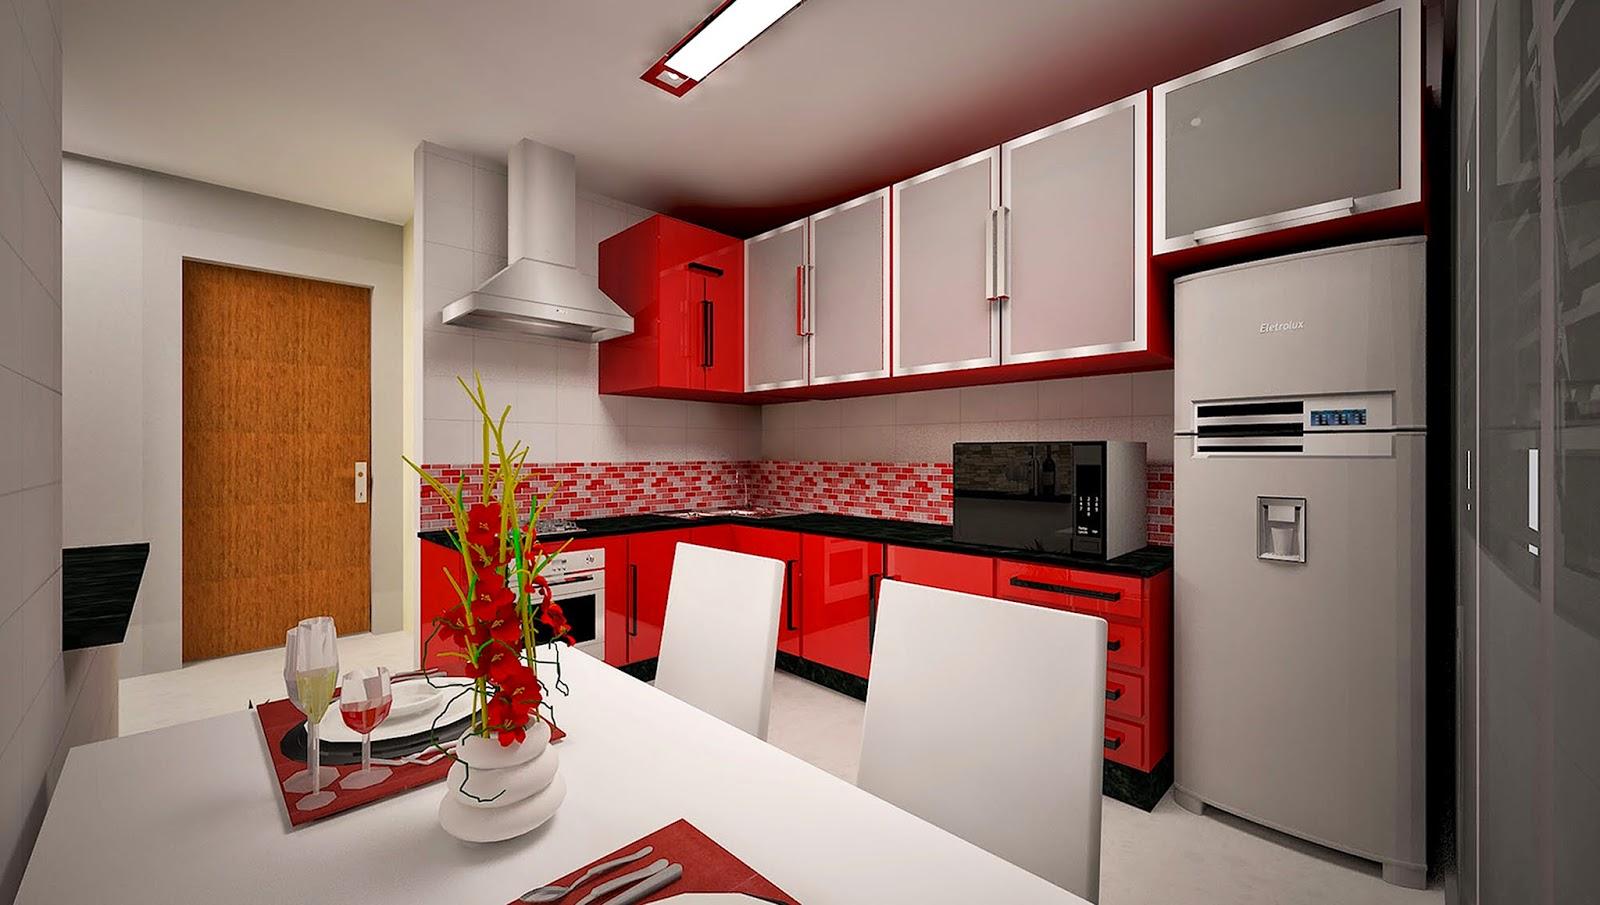 Projetos de Interiores e Maquetes 3D: Projeto cozinha em três #B91612 1600 905